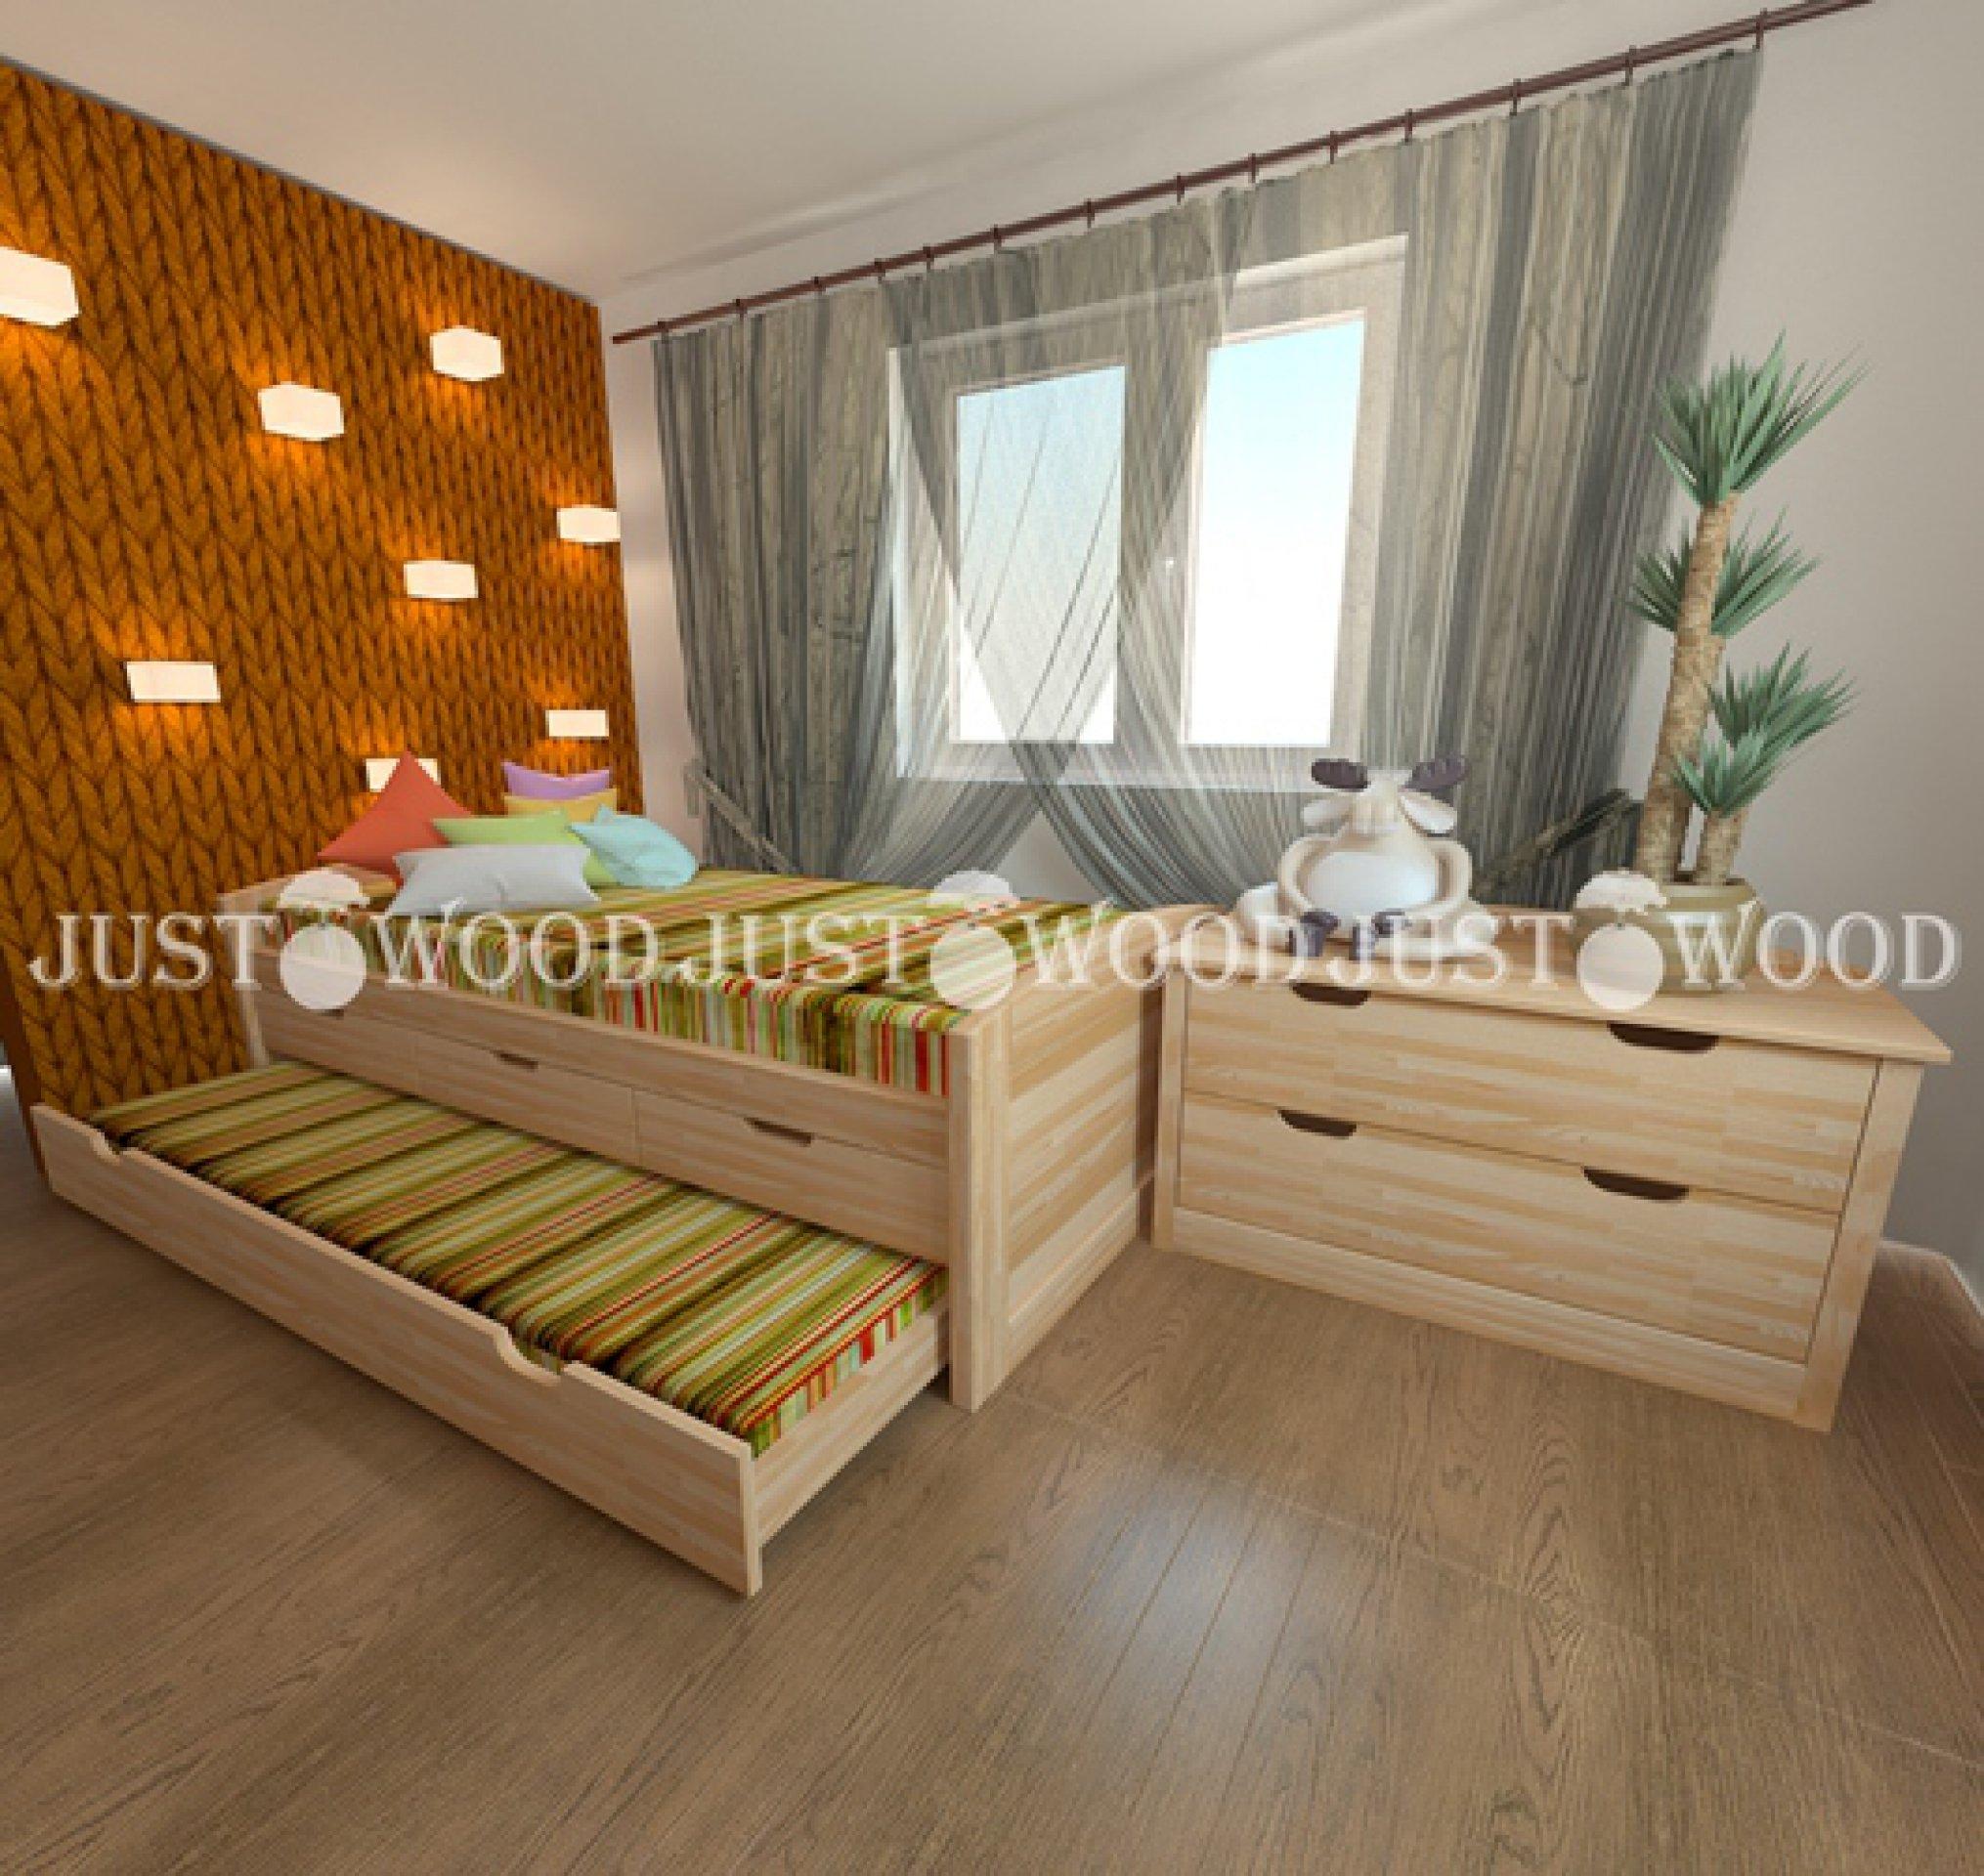 Детская кровать Капитошка 2 спаРьных места 90х190 см